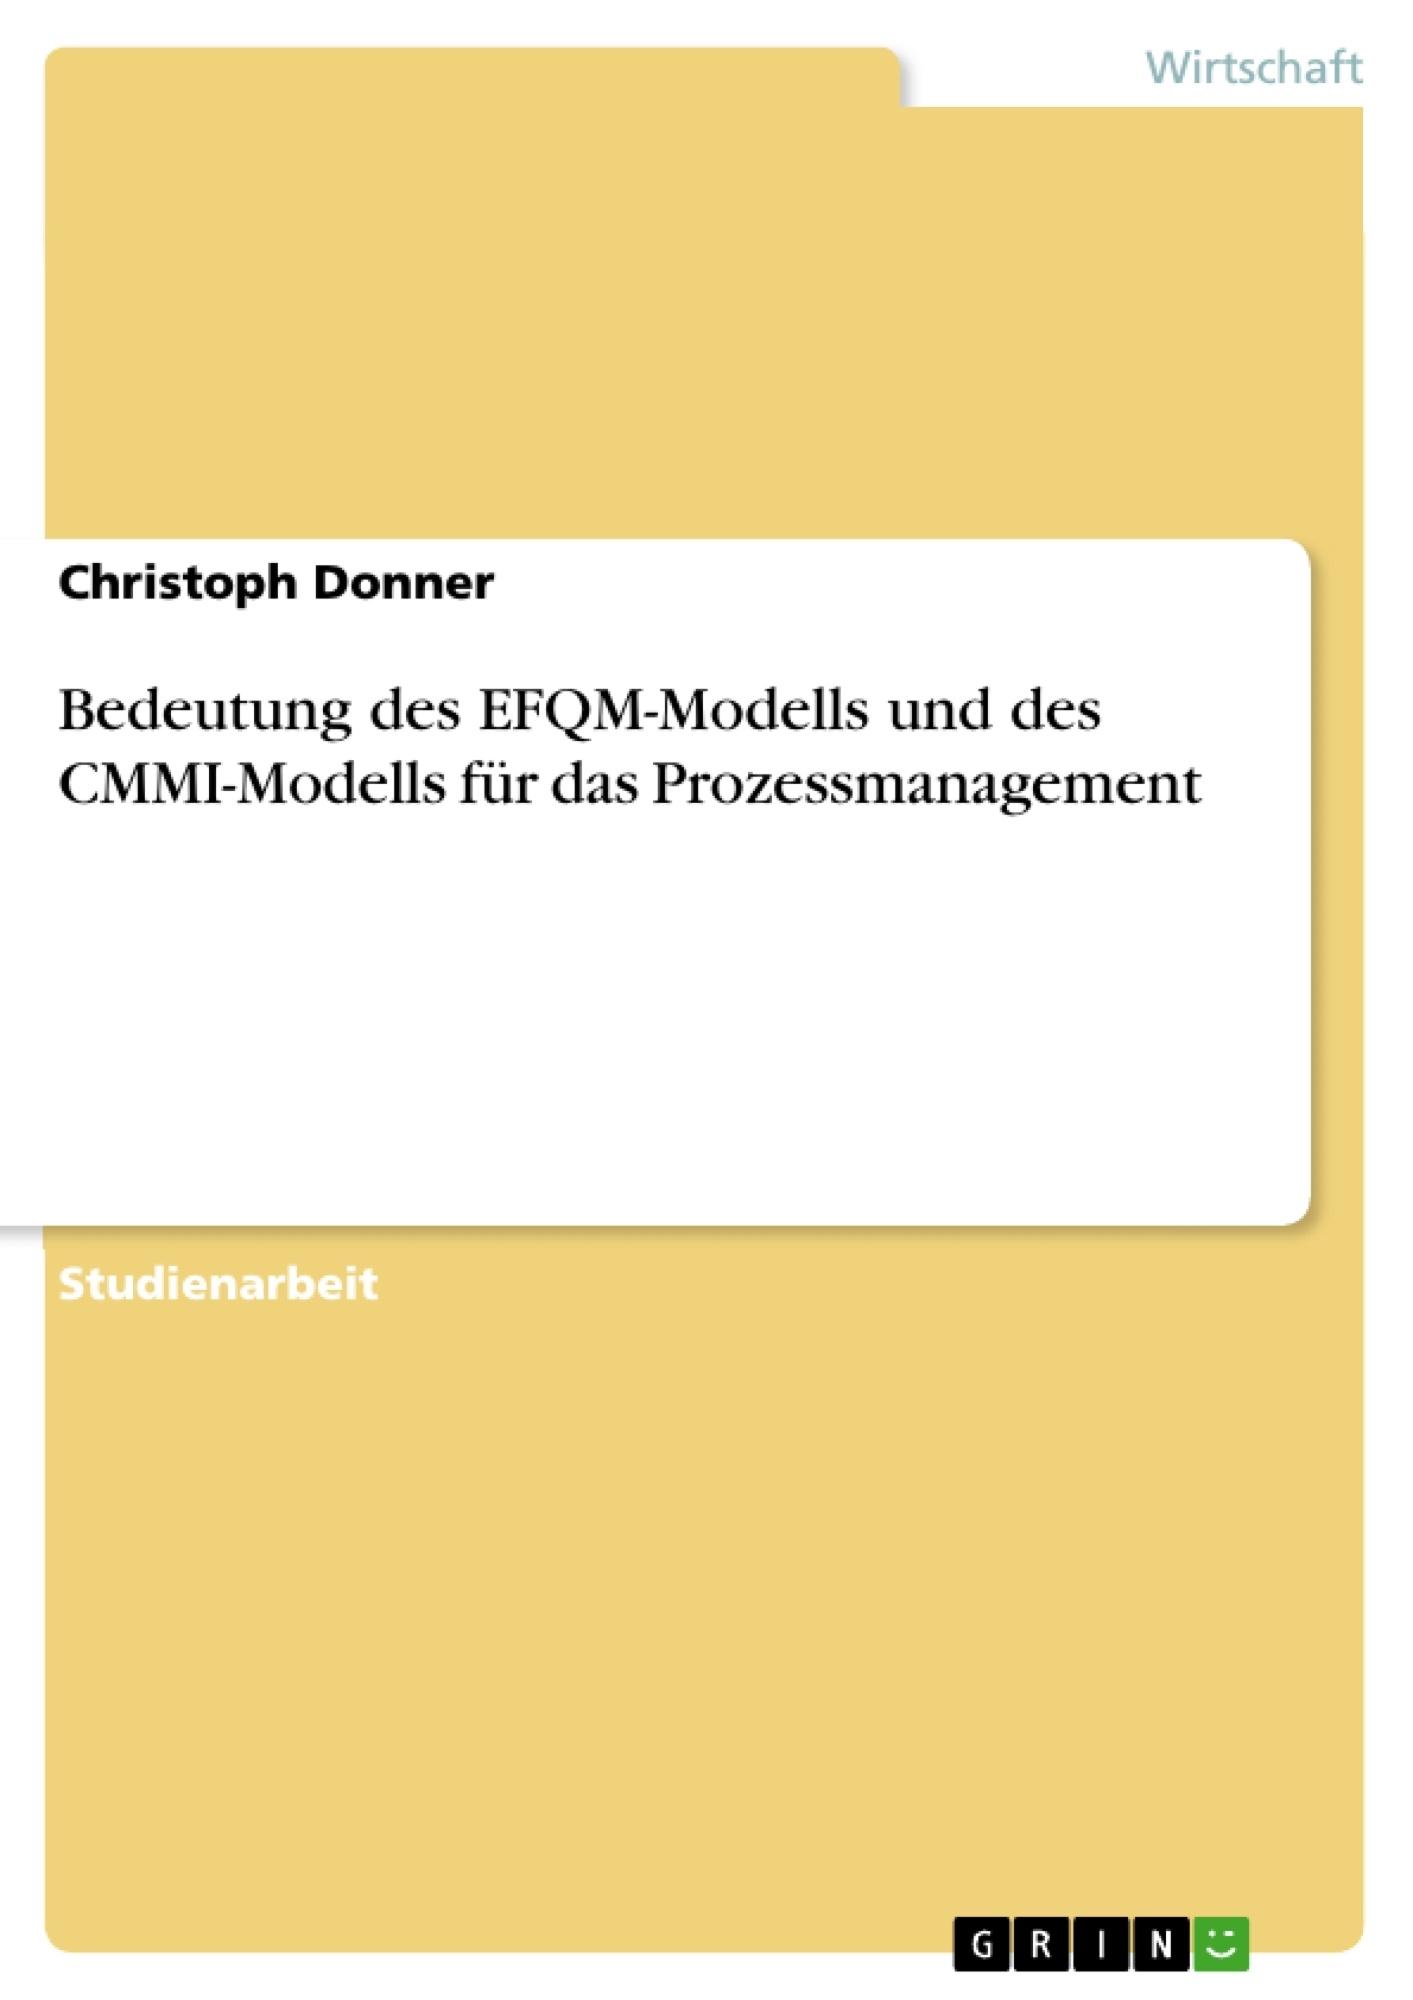 Titel: Bedeutung des EFQM-Modells und des CMMI-Modells für das Prozessmanagement